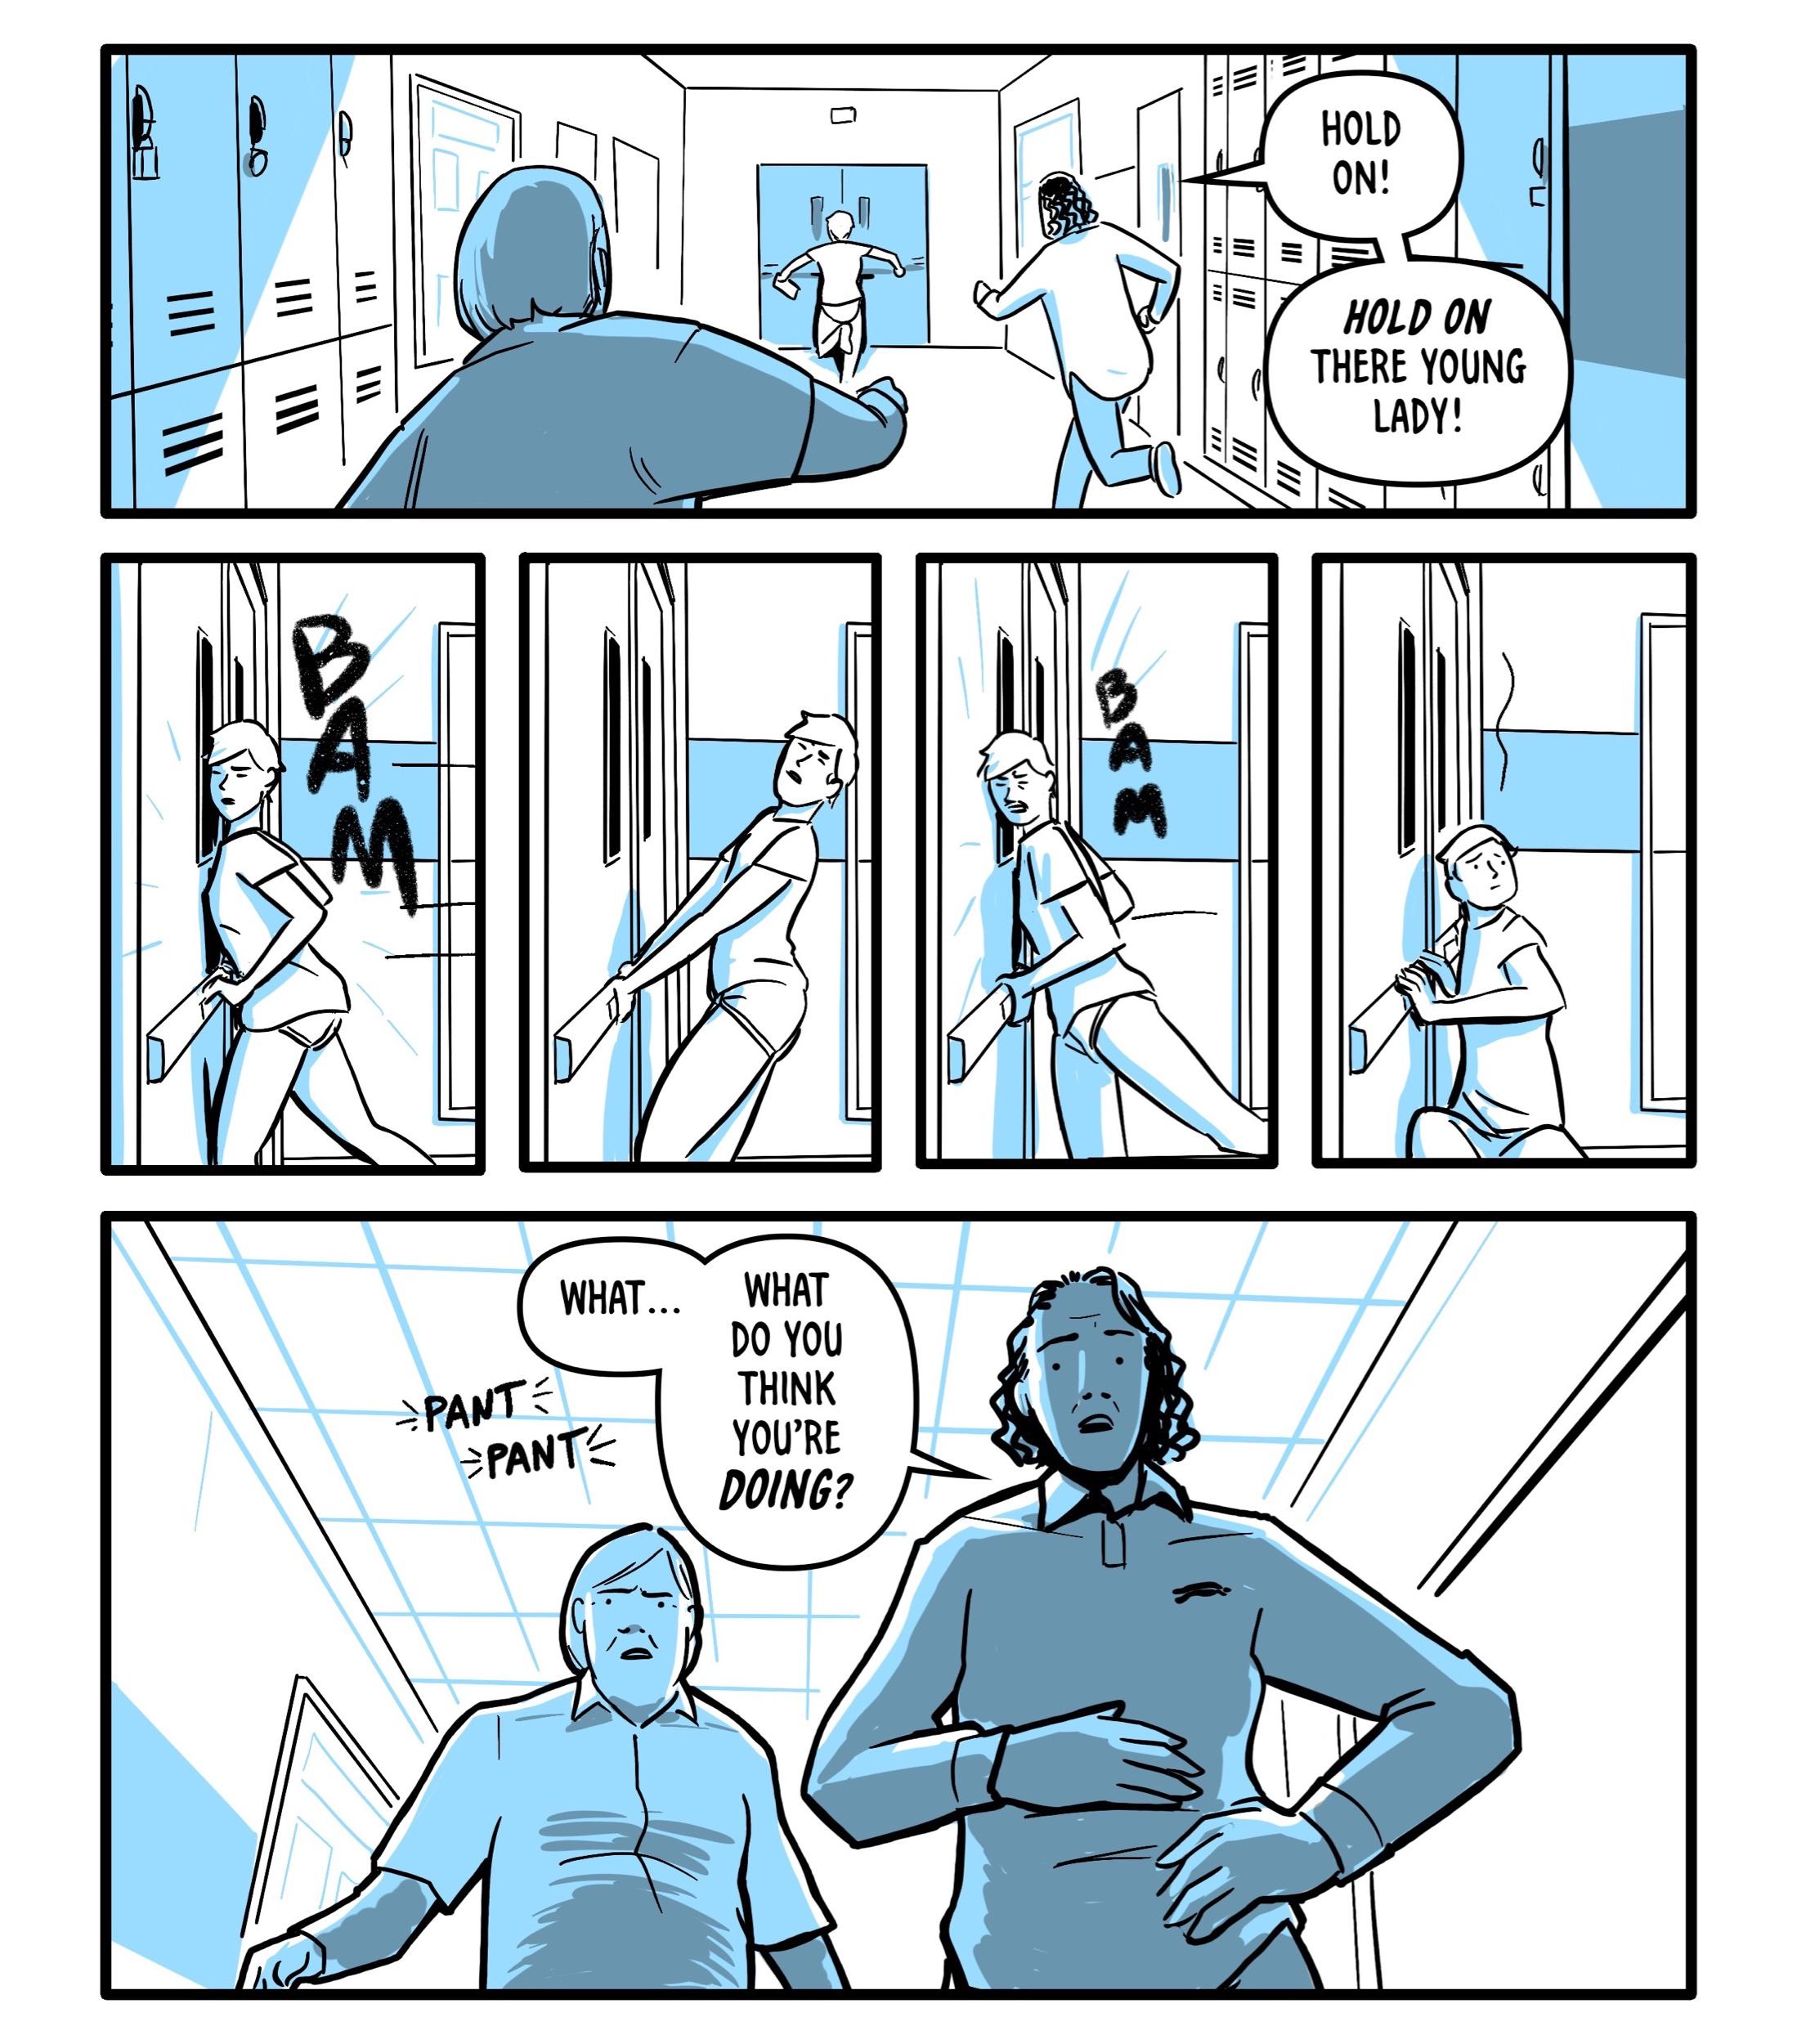 Page-47.jpeg